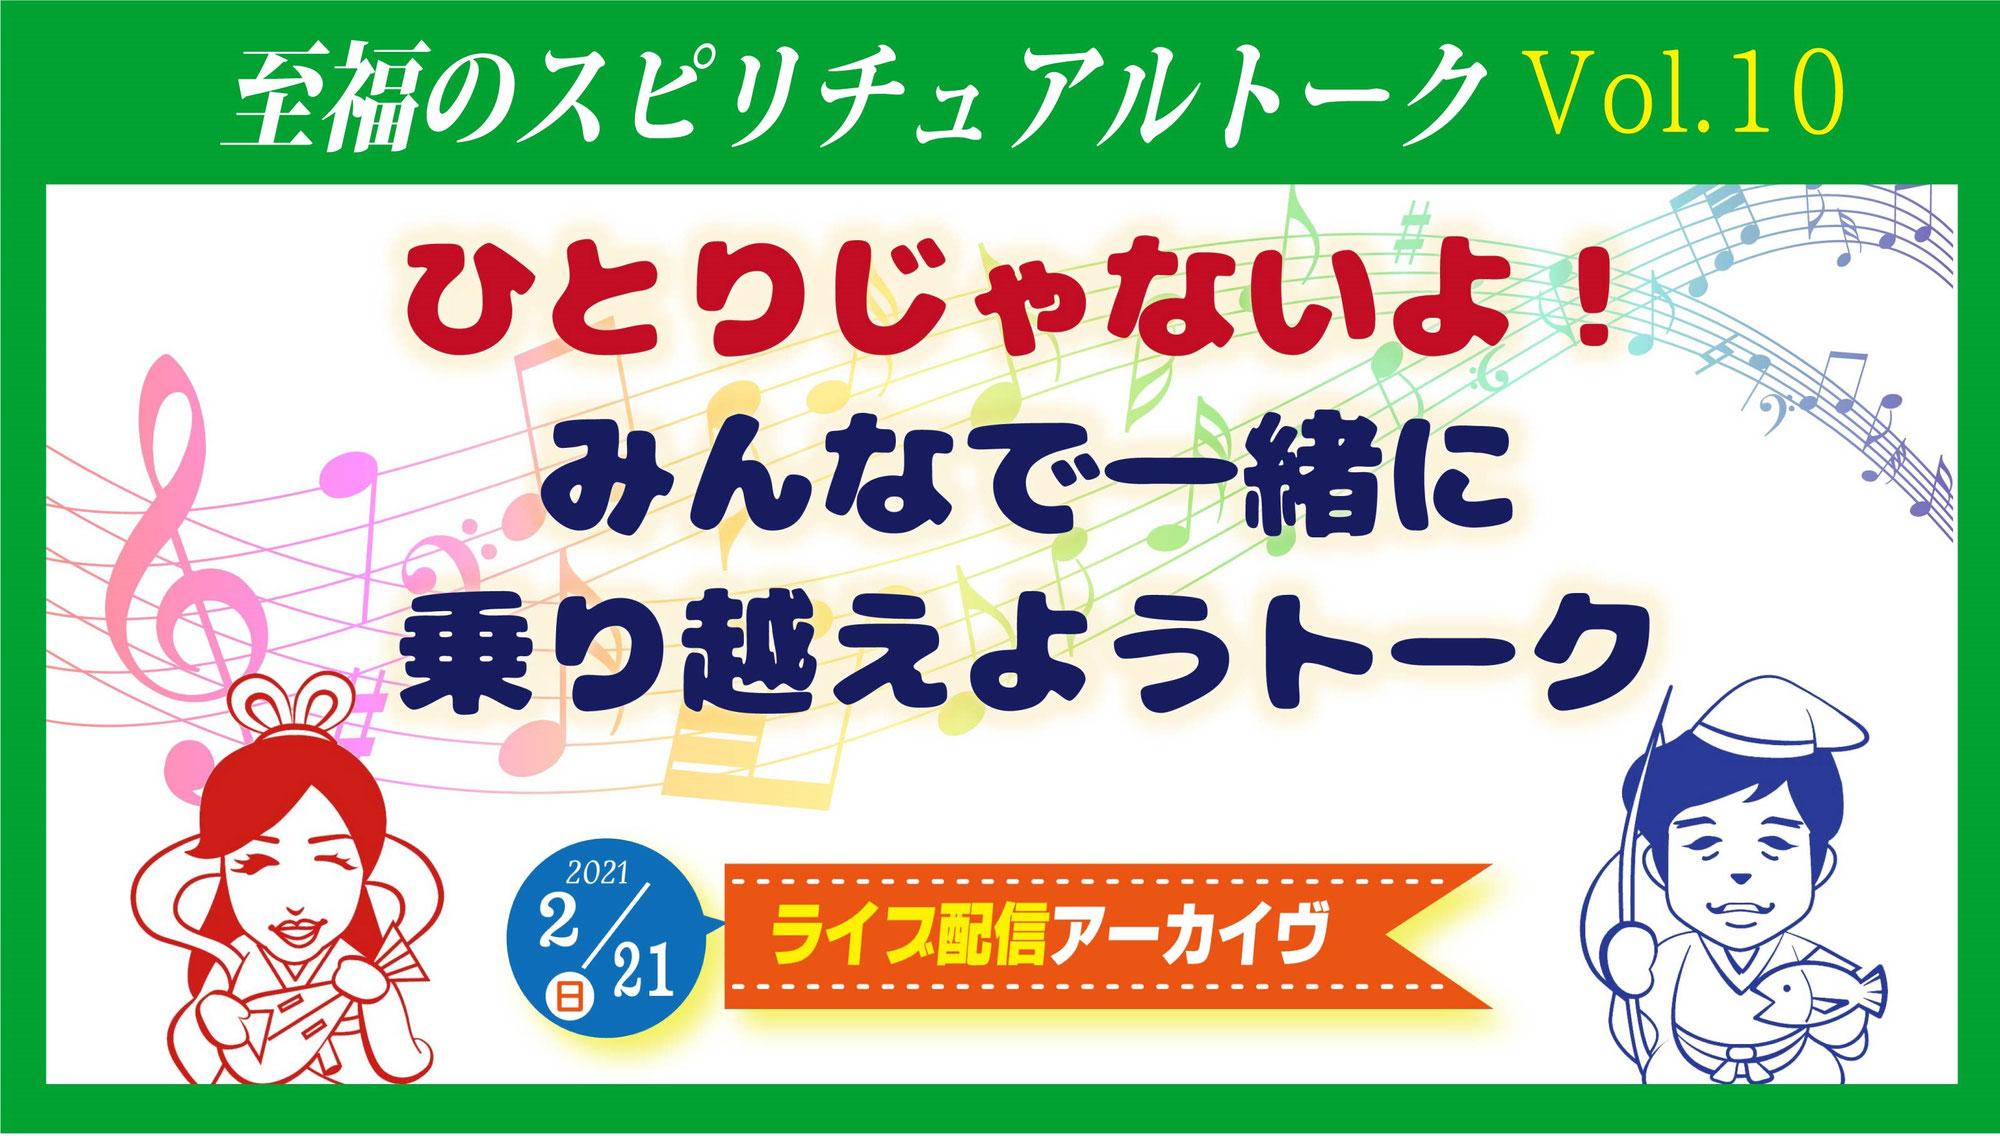 2/21 YouTubeライブ配信アーカイヴ映像公開のお知らせ